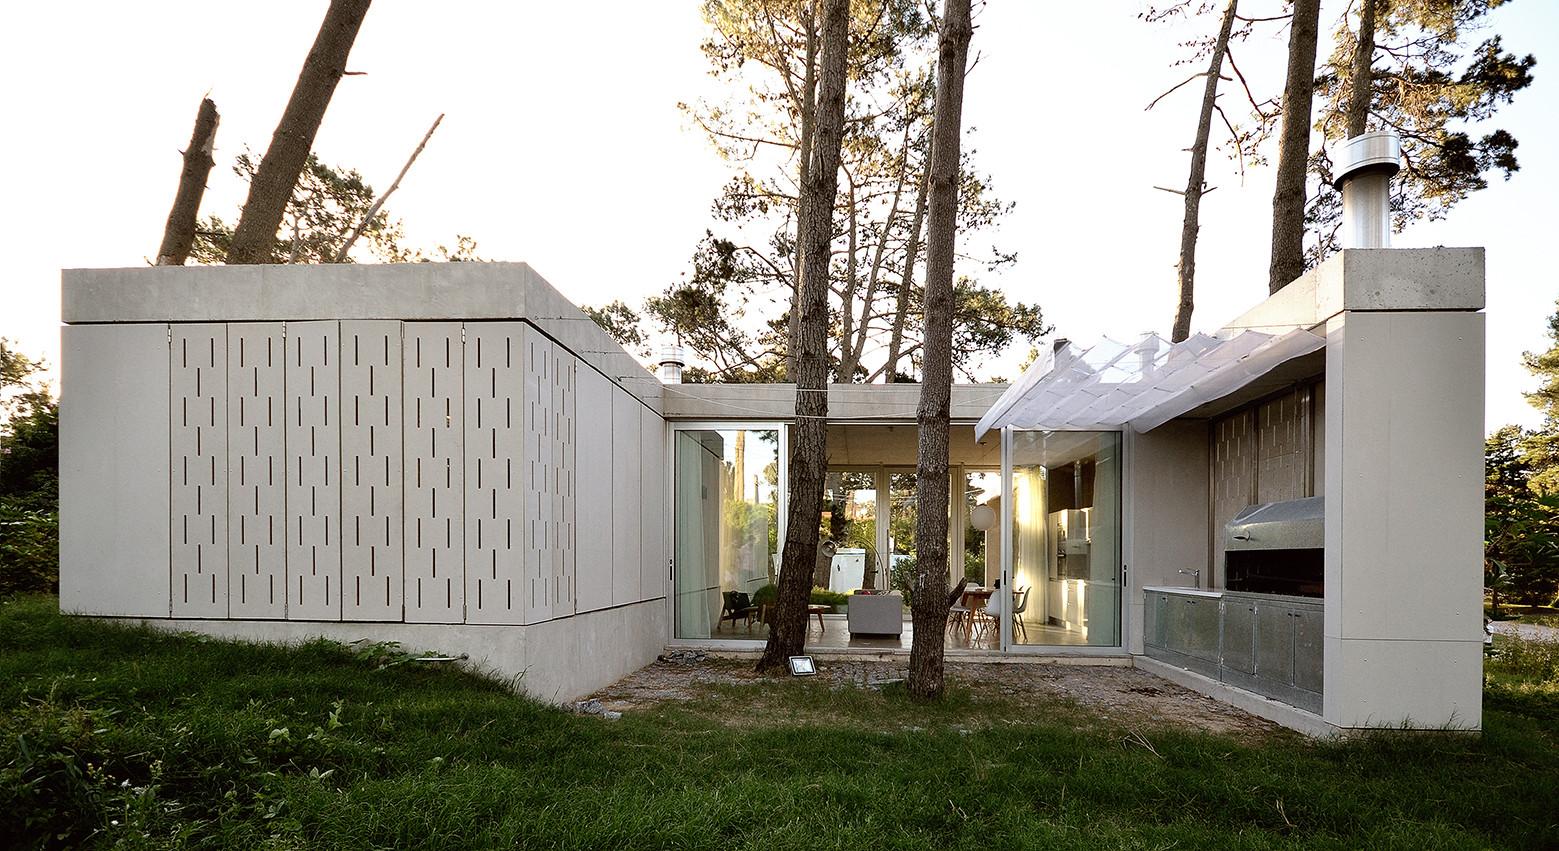 Vivienda Arquitectura Rifa G'07  /  Villalba, Rudolph, Vila, López,Canén, Apolant, Martinez, © Nicolás Rudolph